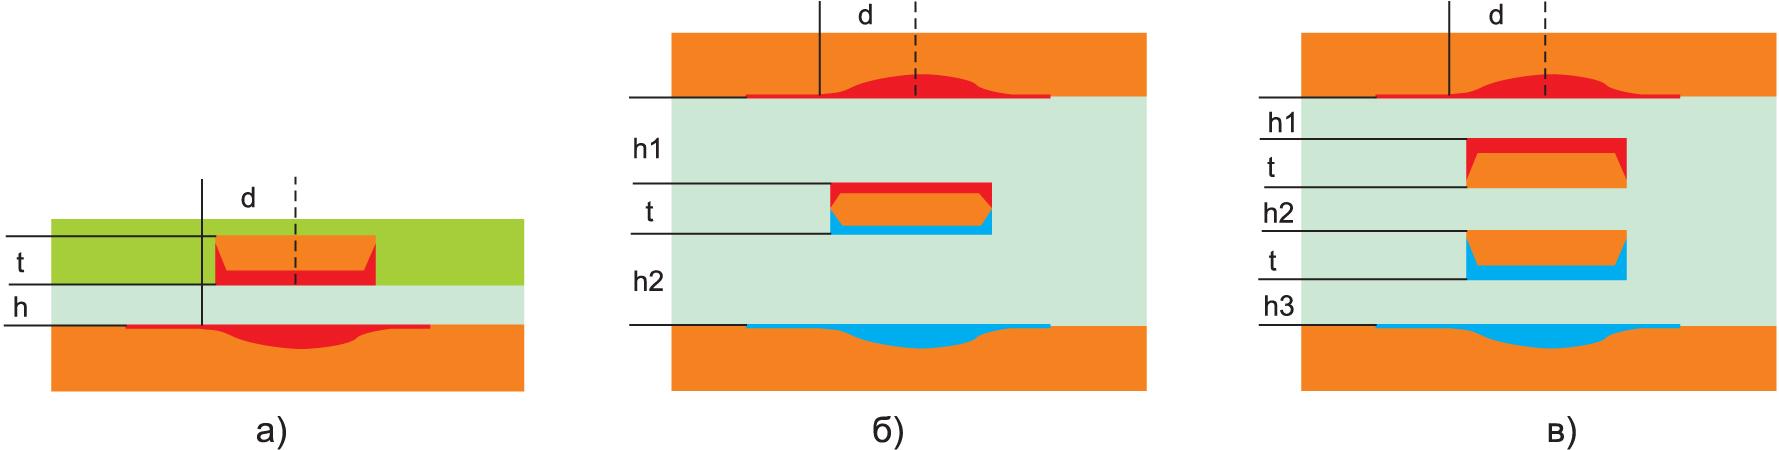 Распределение тока в трех конфигурациях: микрополосковая, полосковая, сдвоенная полосковая конфигурации